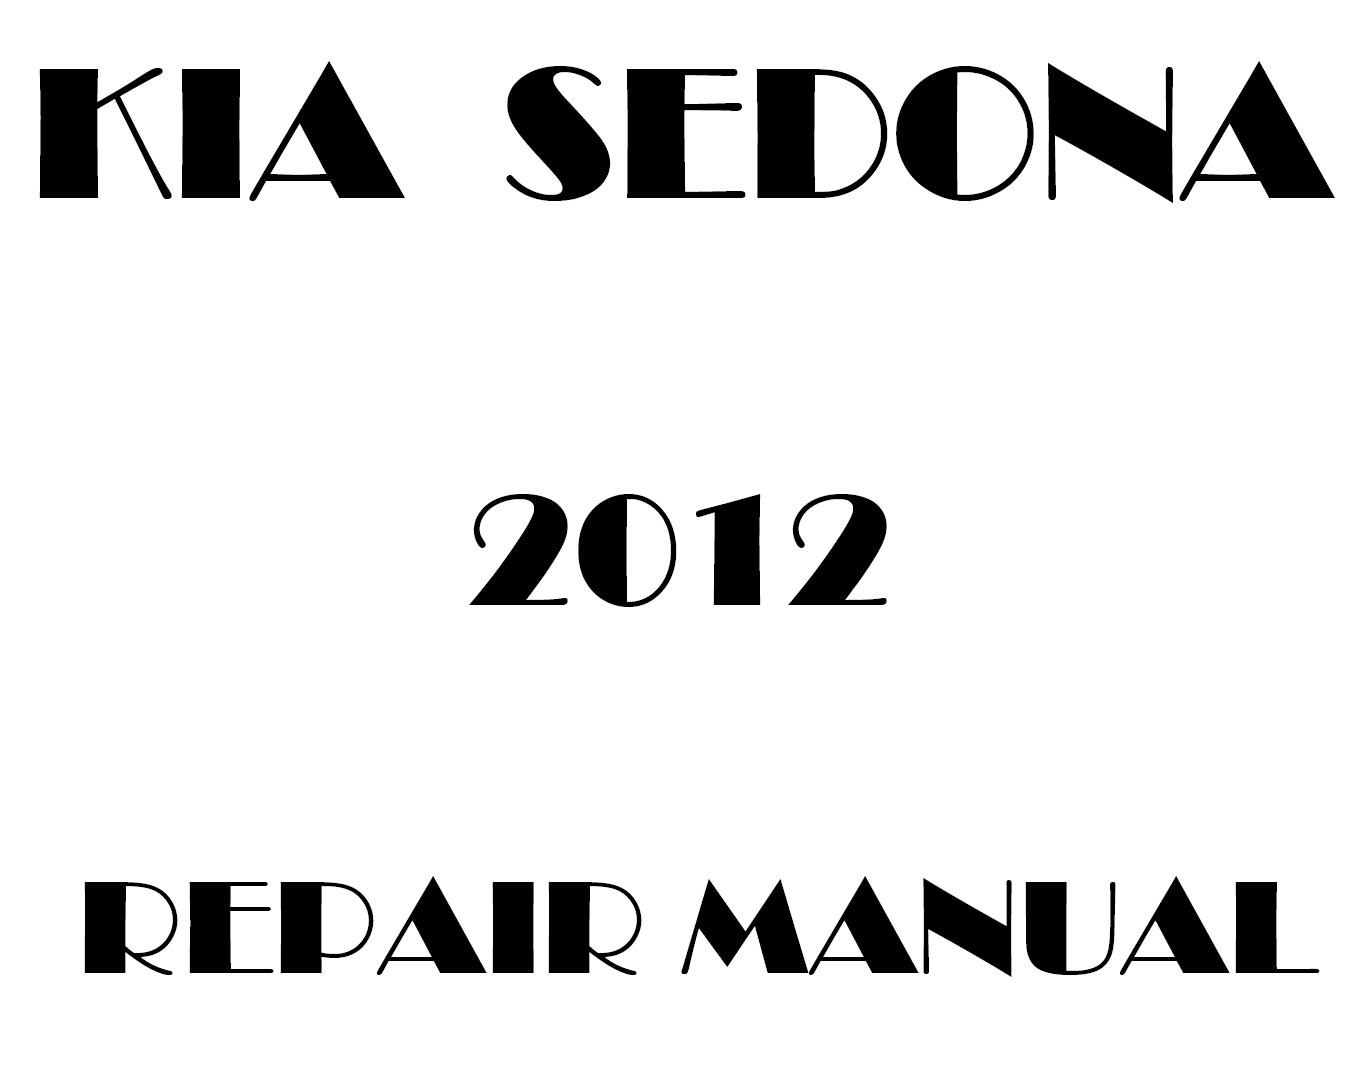 2012 Kia Sedona repair manual